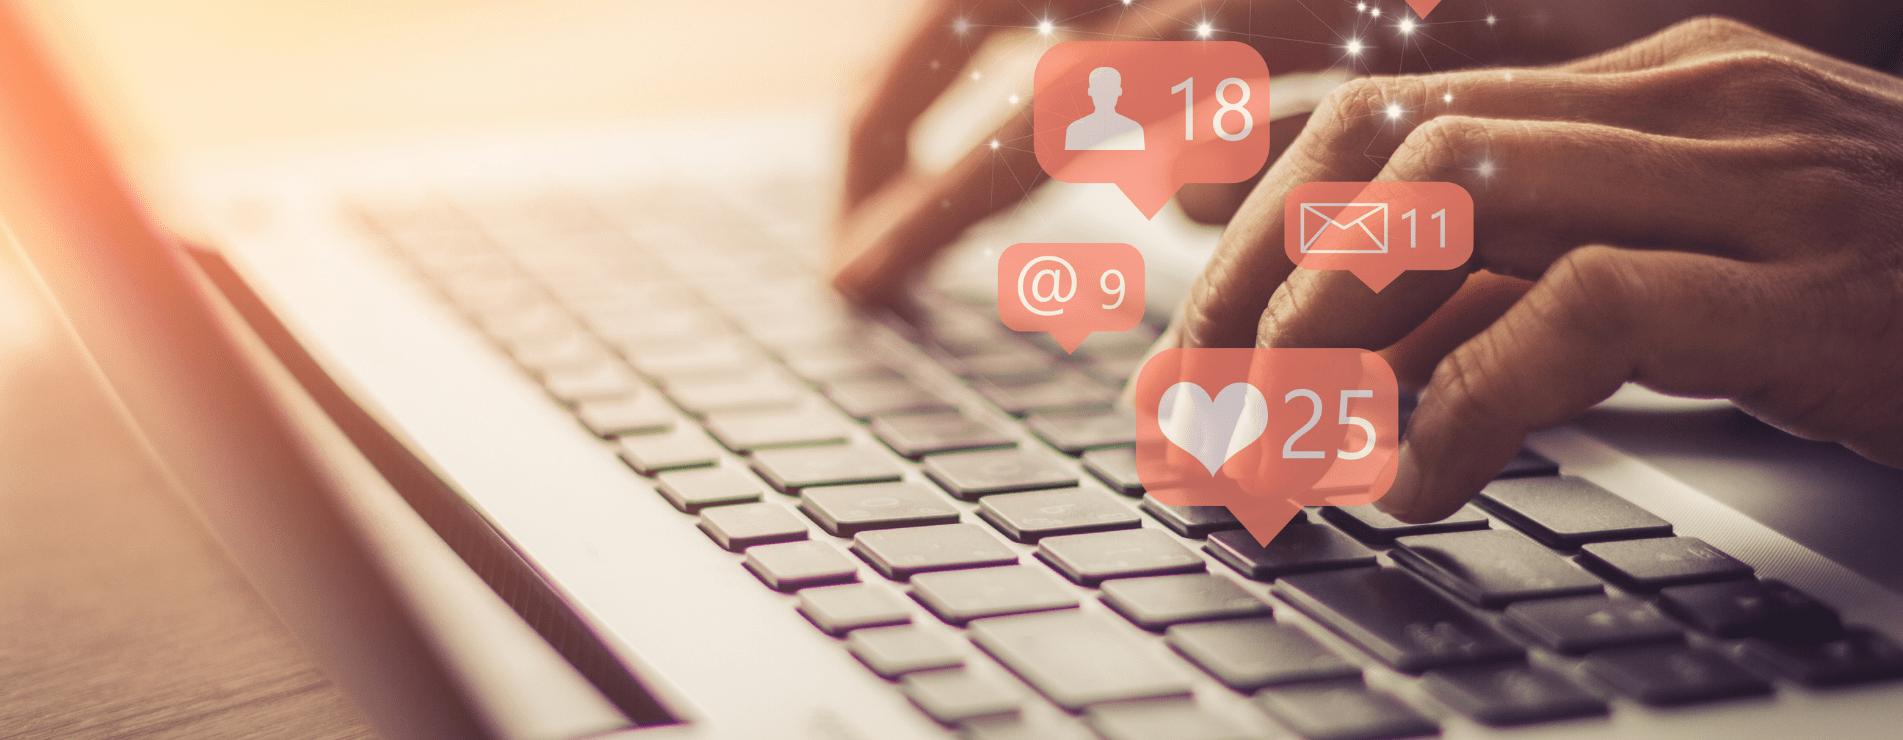 Dijital Pazarlama ve Sosyal Medya Uzmanlığı Eğitimi